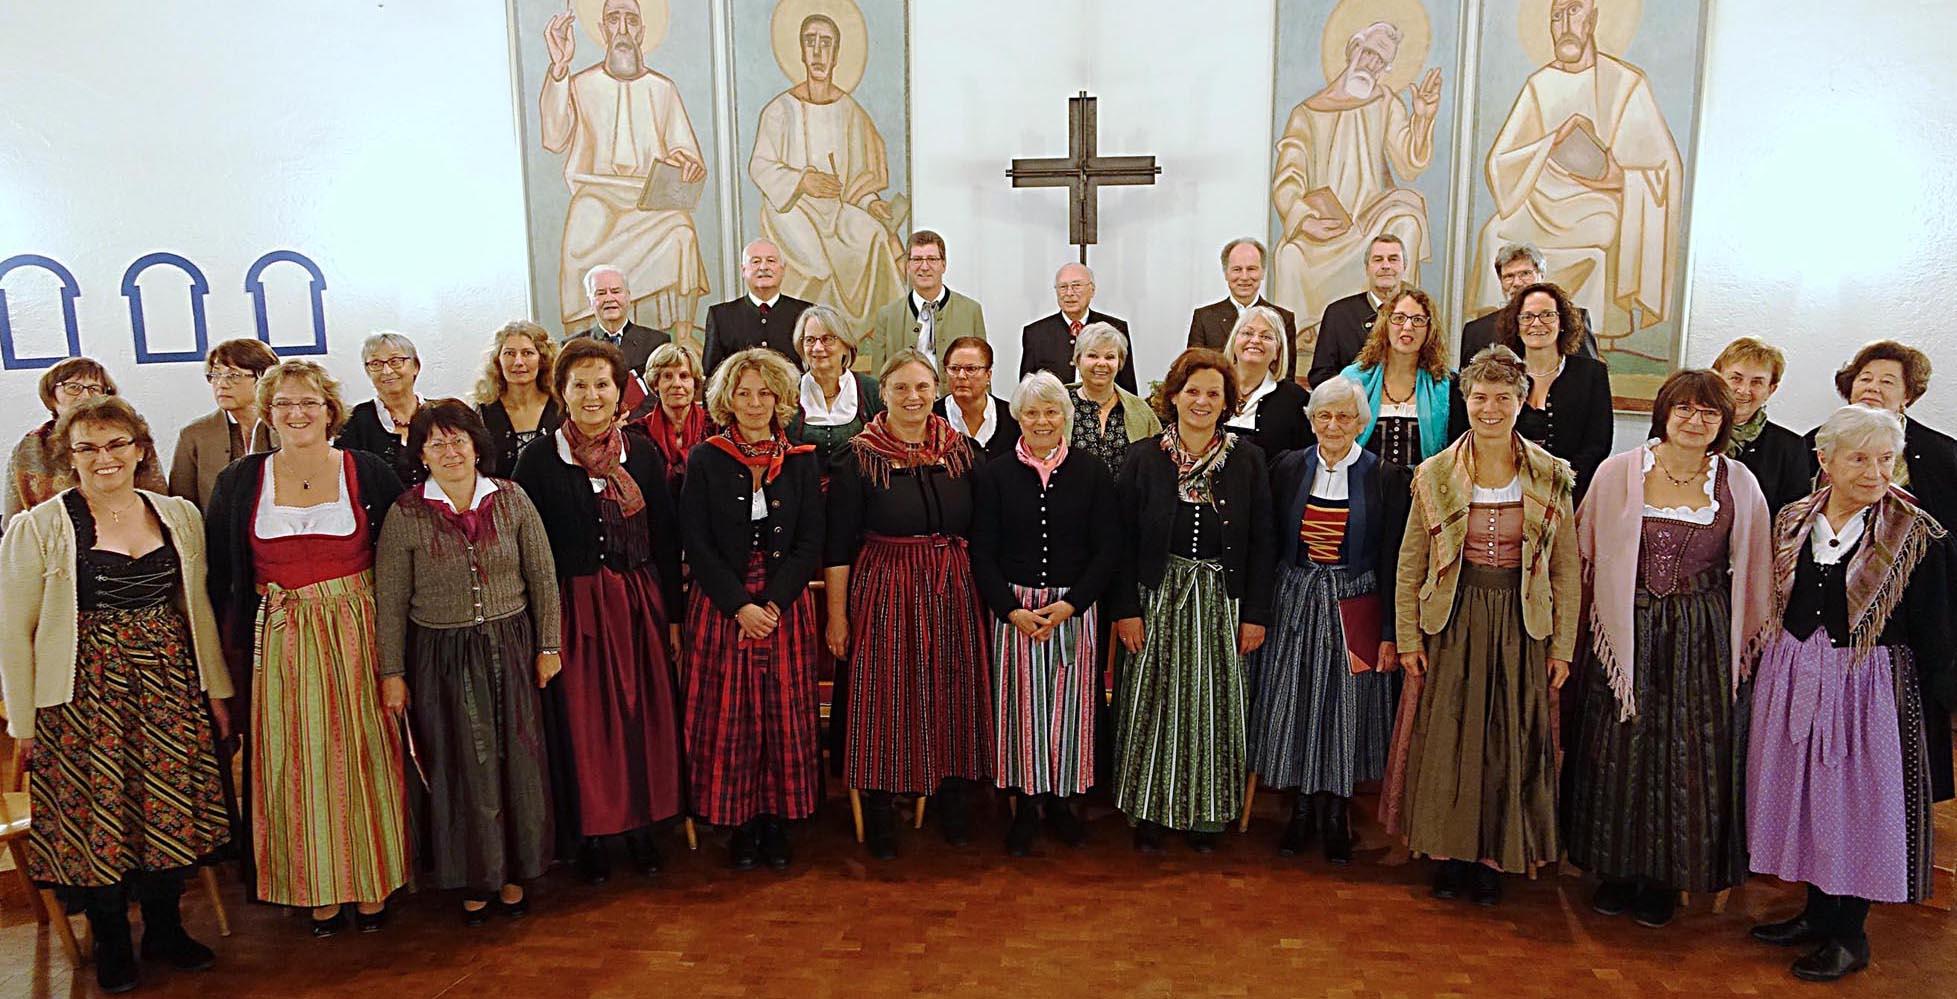 04. 12. 2016 - nach unserem Adventskonzert in der Evangelischen Kirche, Grafing